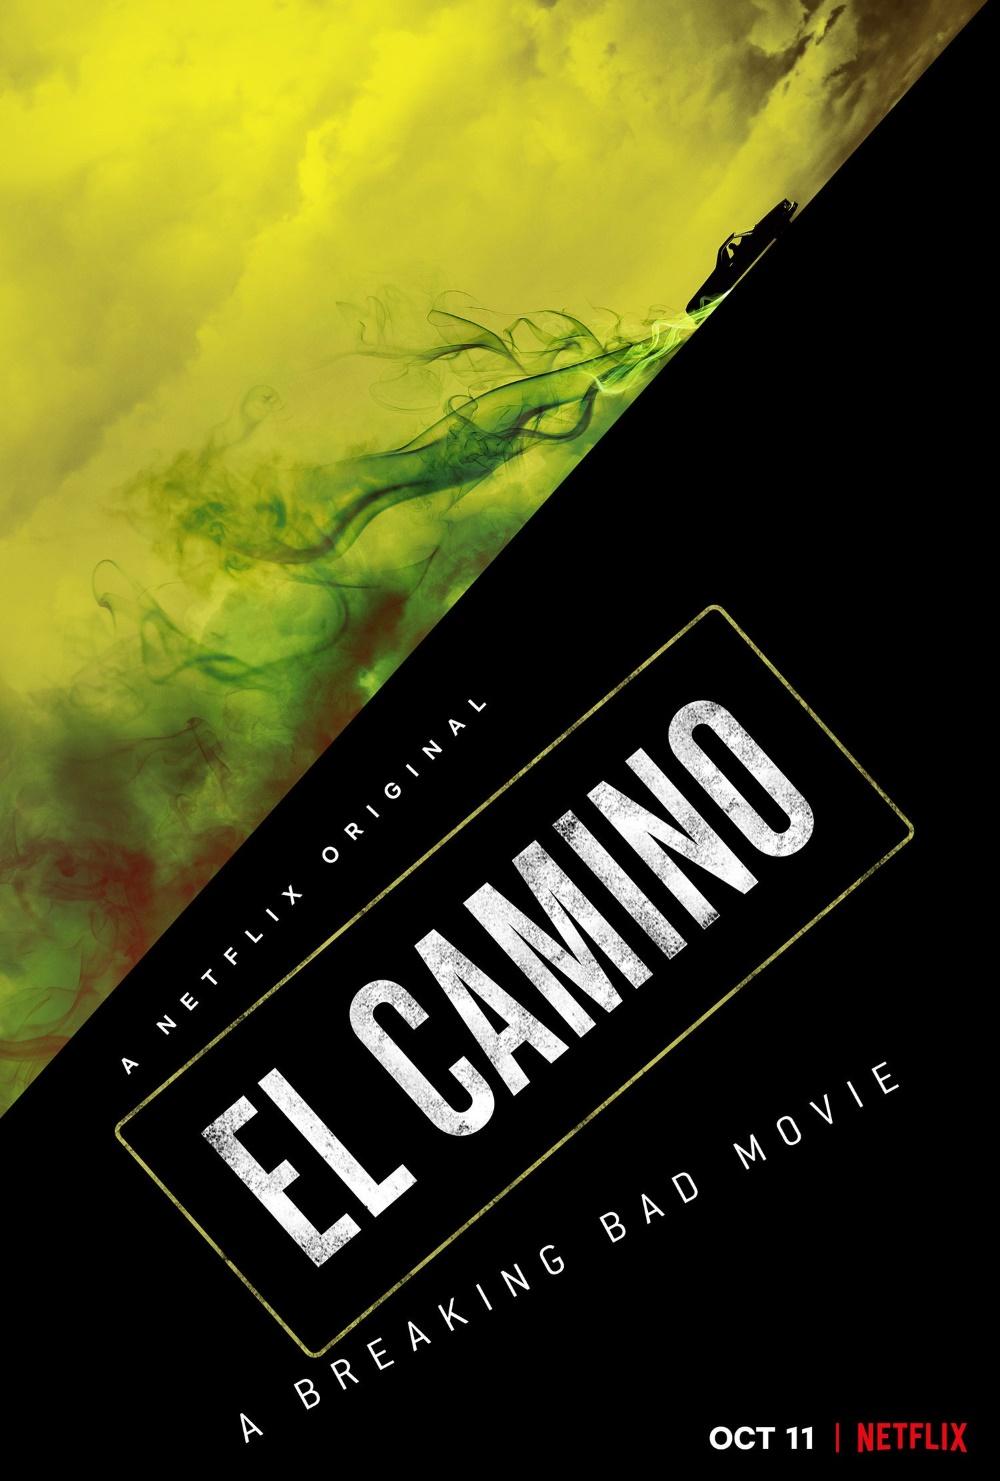 El Camino - cartaz do filme de Breaking Bad